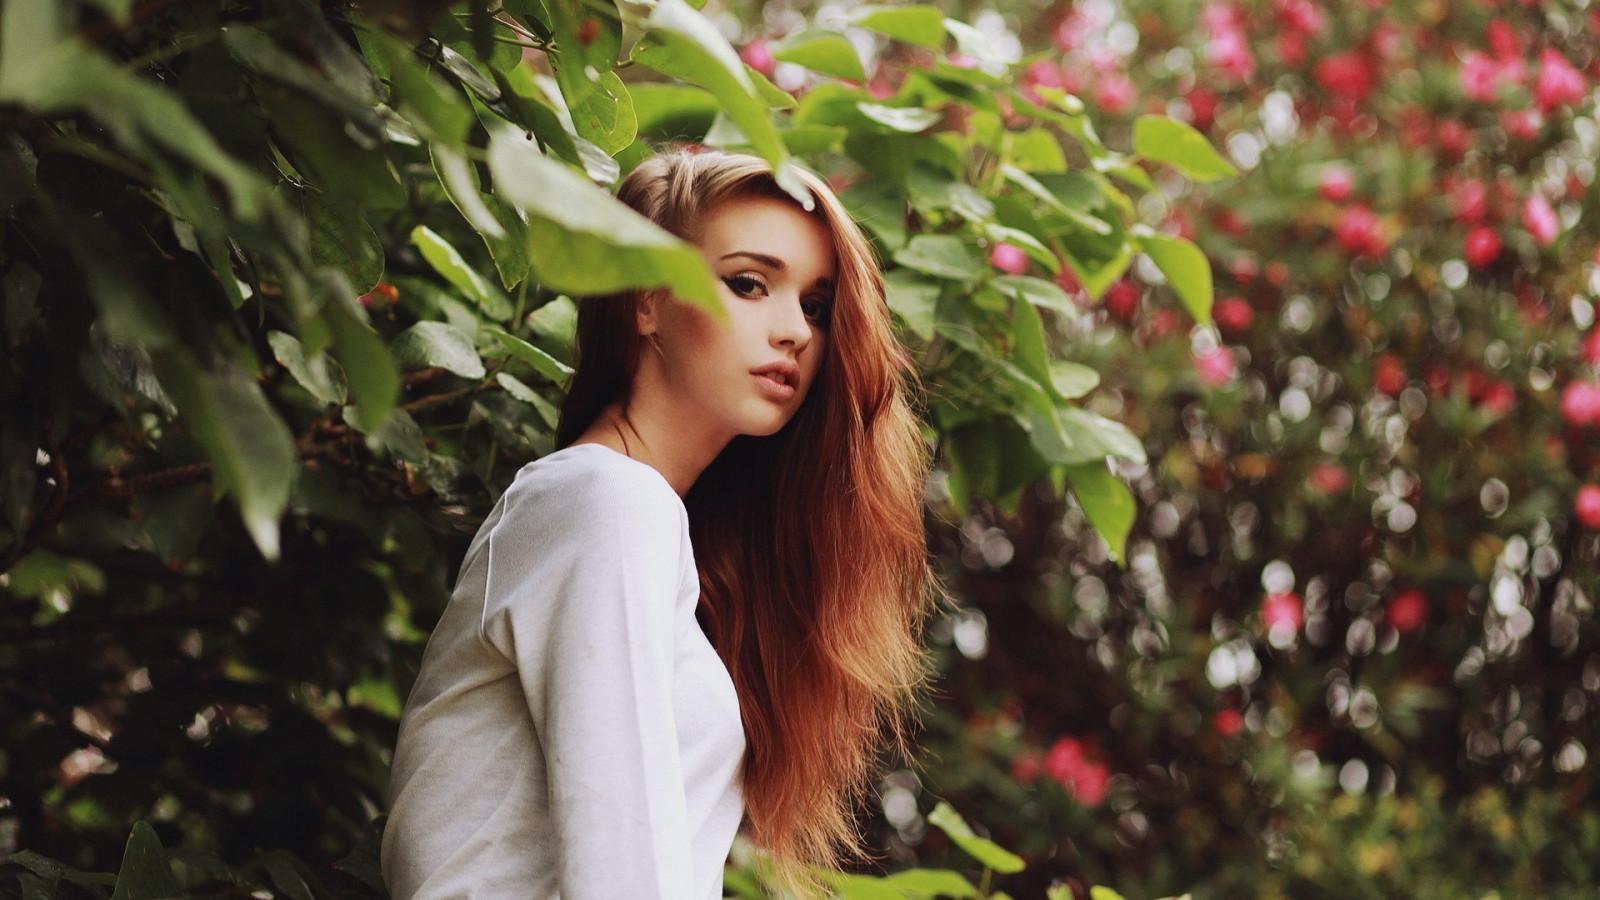 Hintergrundbilder : Gesicht, Frau, Modell-, Porträt, lange